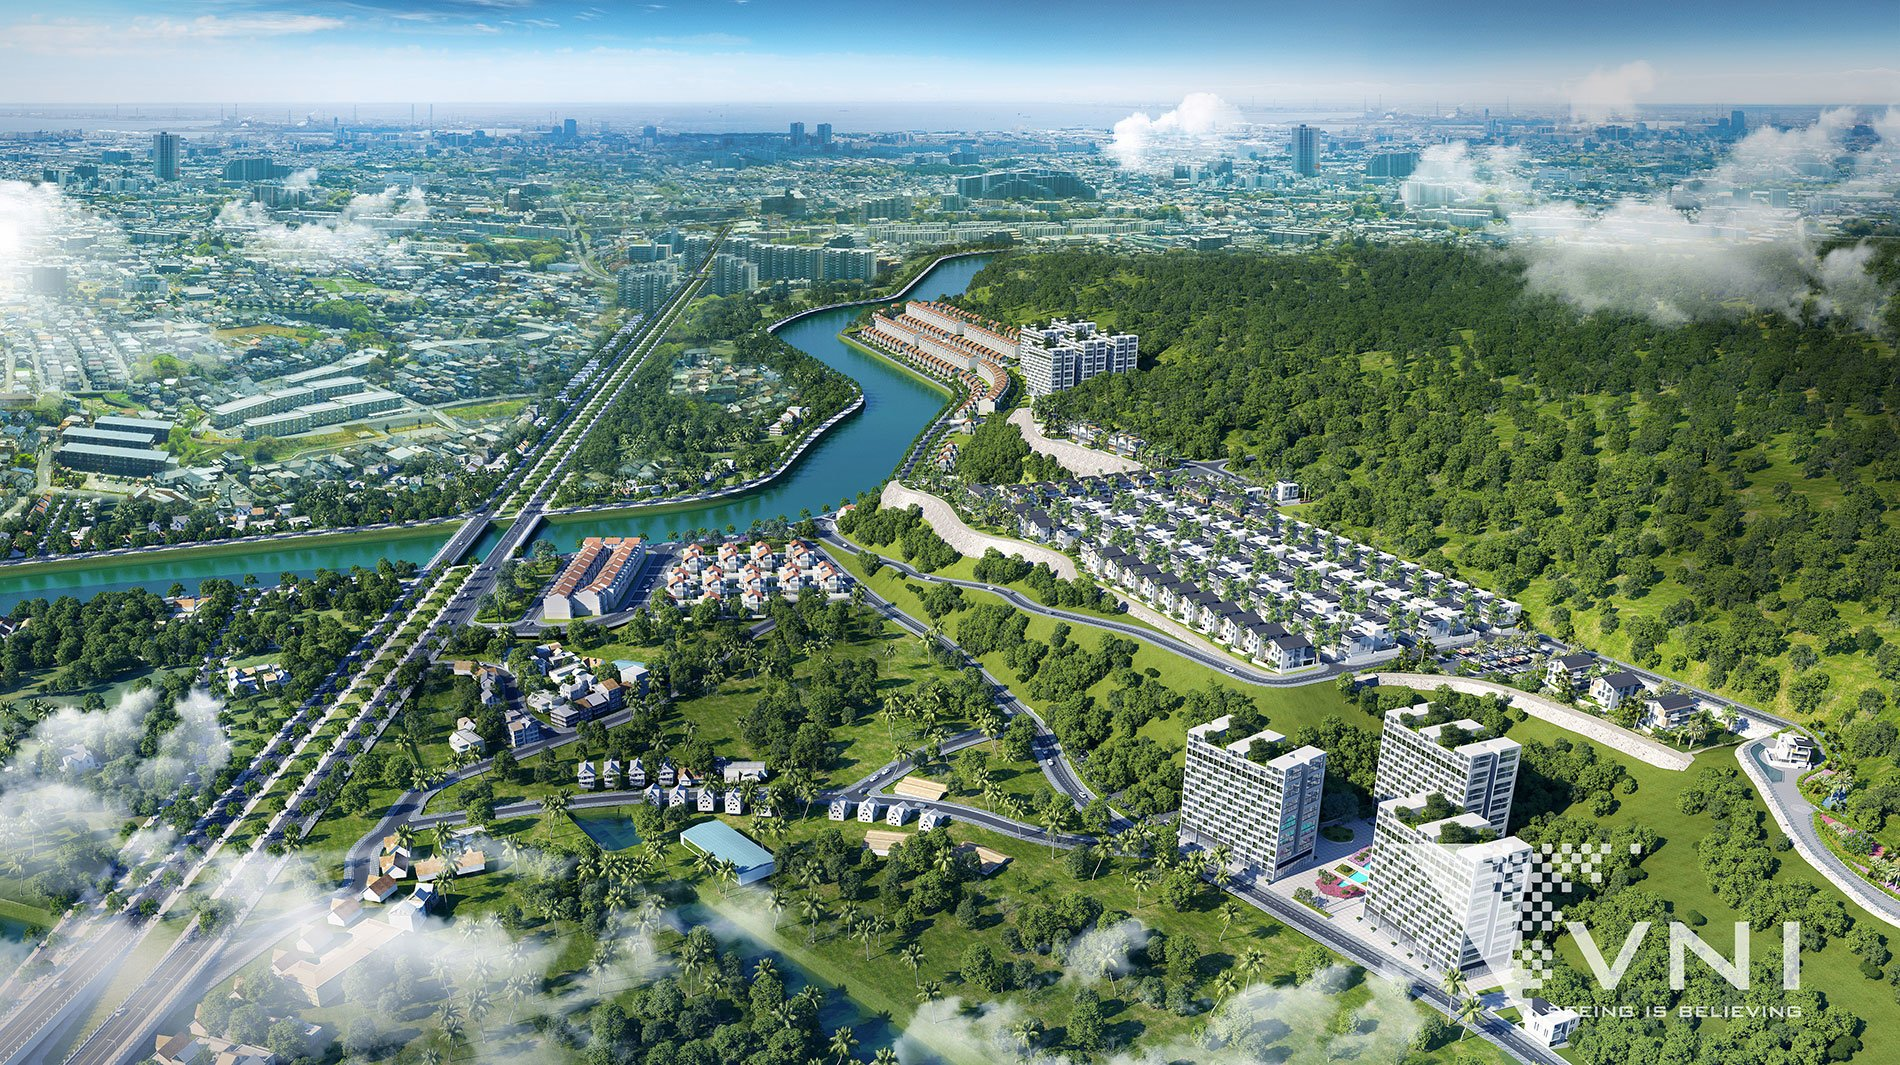 Nha Trang Grand View - DỰ ÁN ĐẤT NỀN BIỆT THỰ NHA TRANG GRAND VIEW